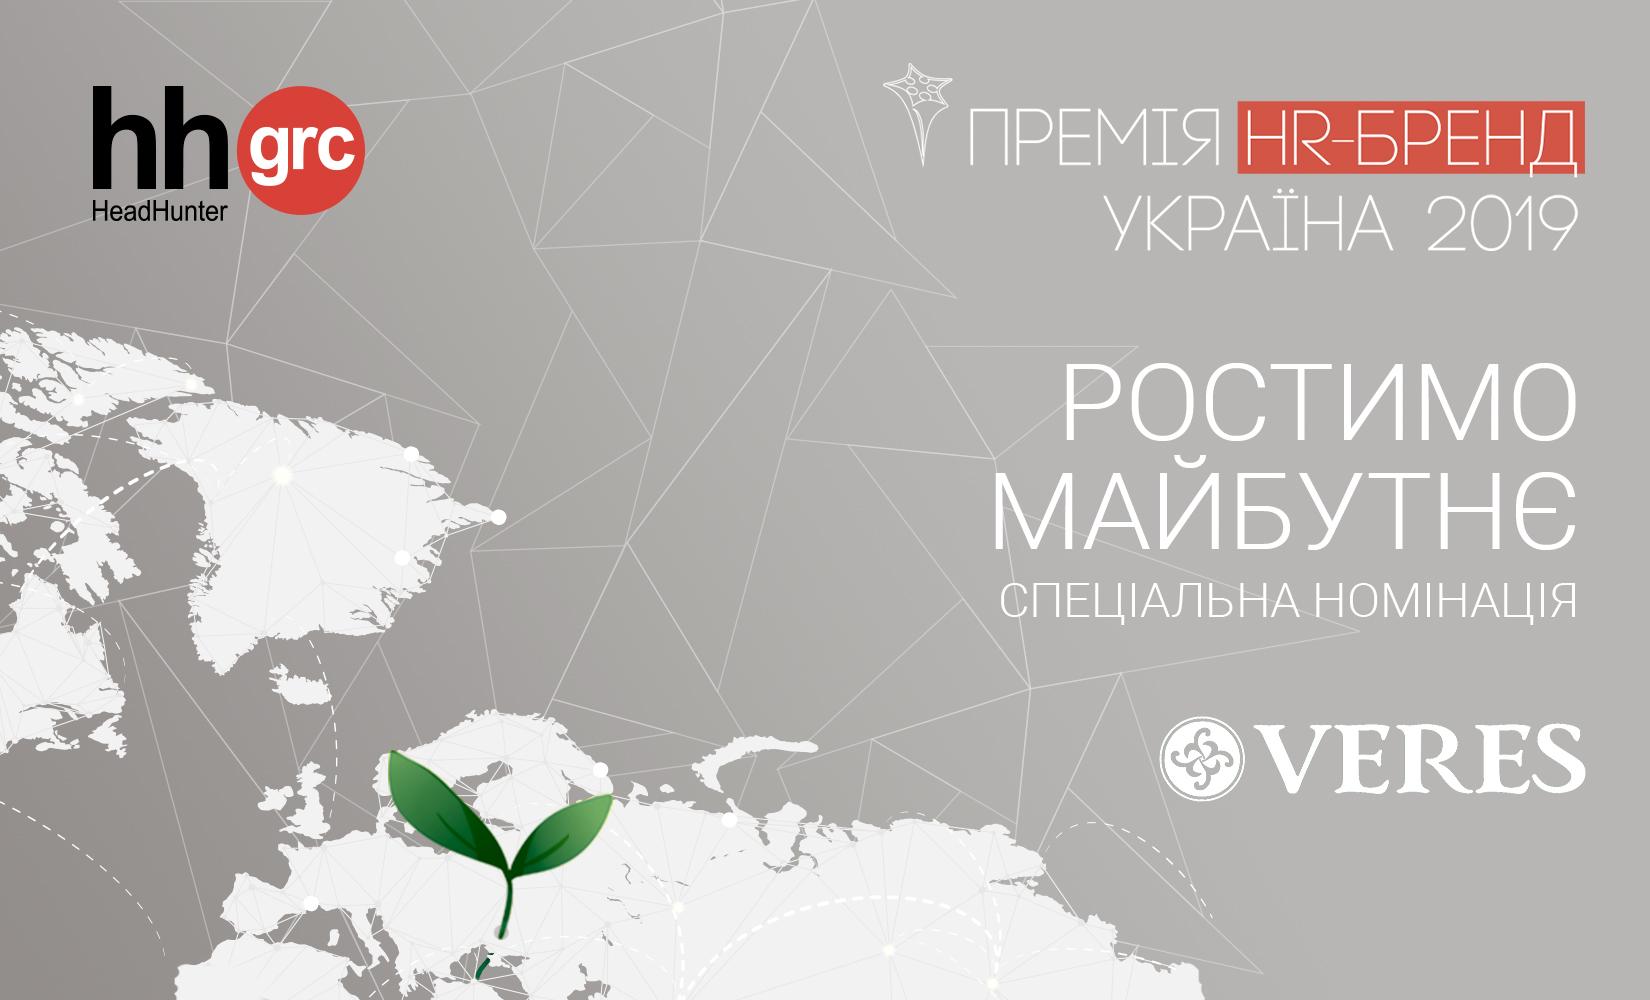 Премія HR-бренд Україна 2019: «Ростимо майбутнє» – спеціальна номінація від Групи Компаній «Верес»